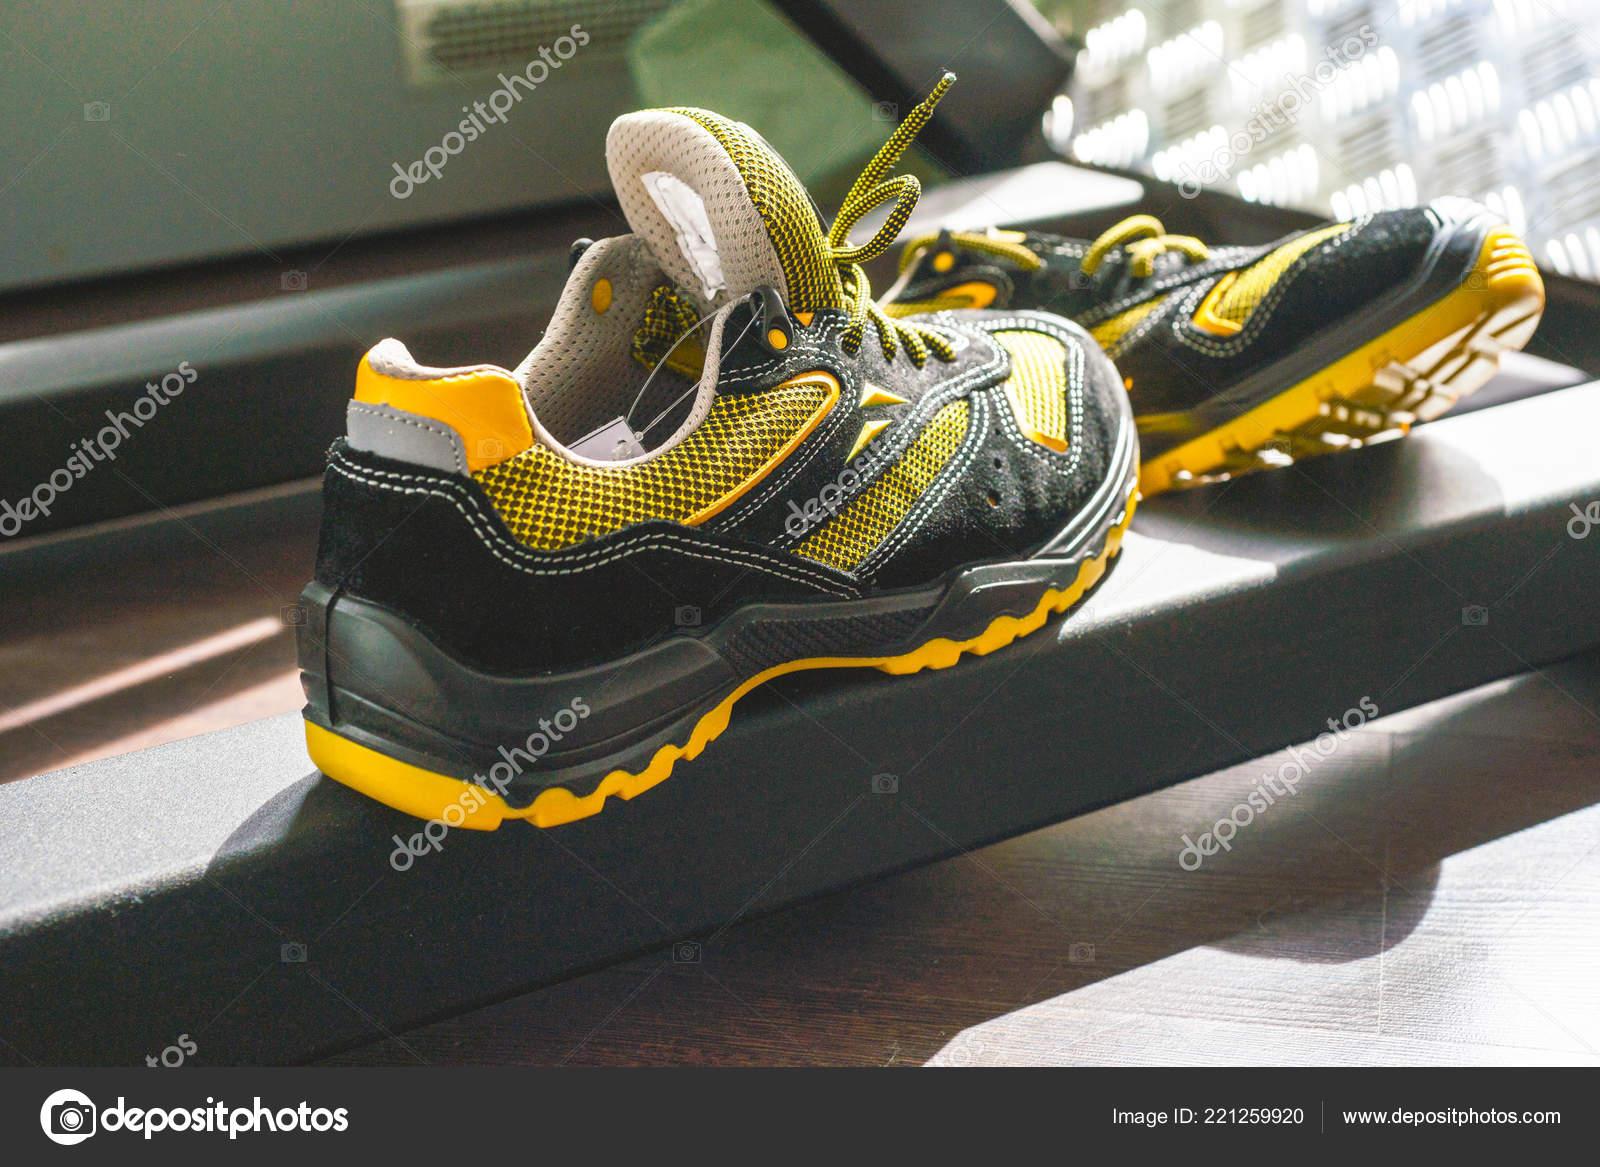 the best attitude e92dd 68a64 No-Name moderne Sneaker in der Turnhalle. Schwarz-gelb ...